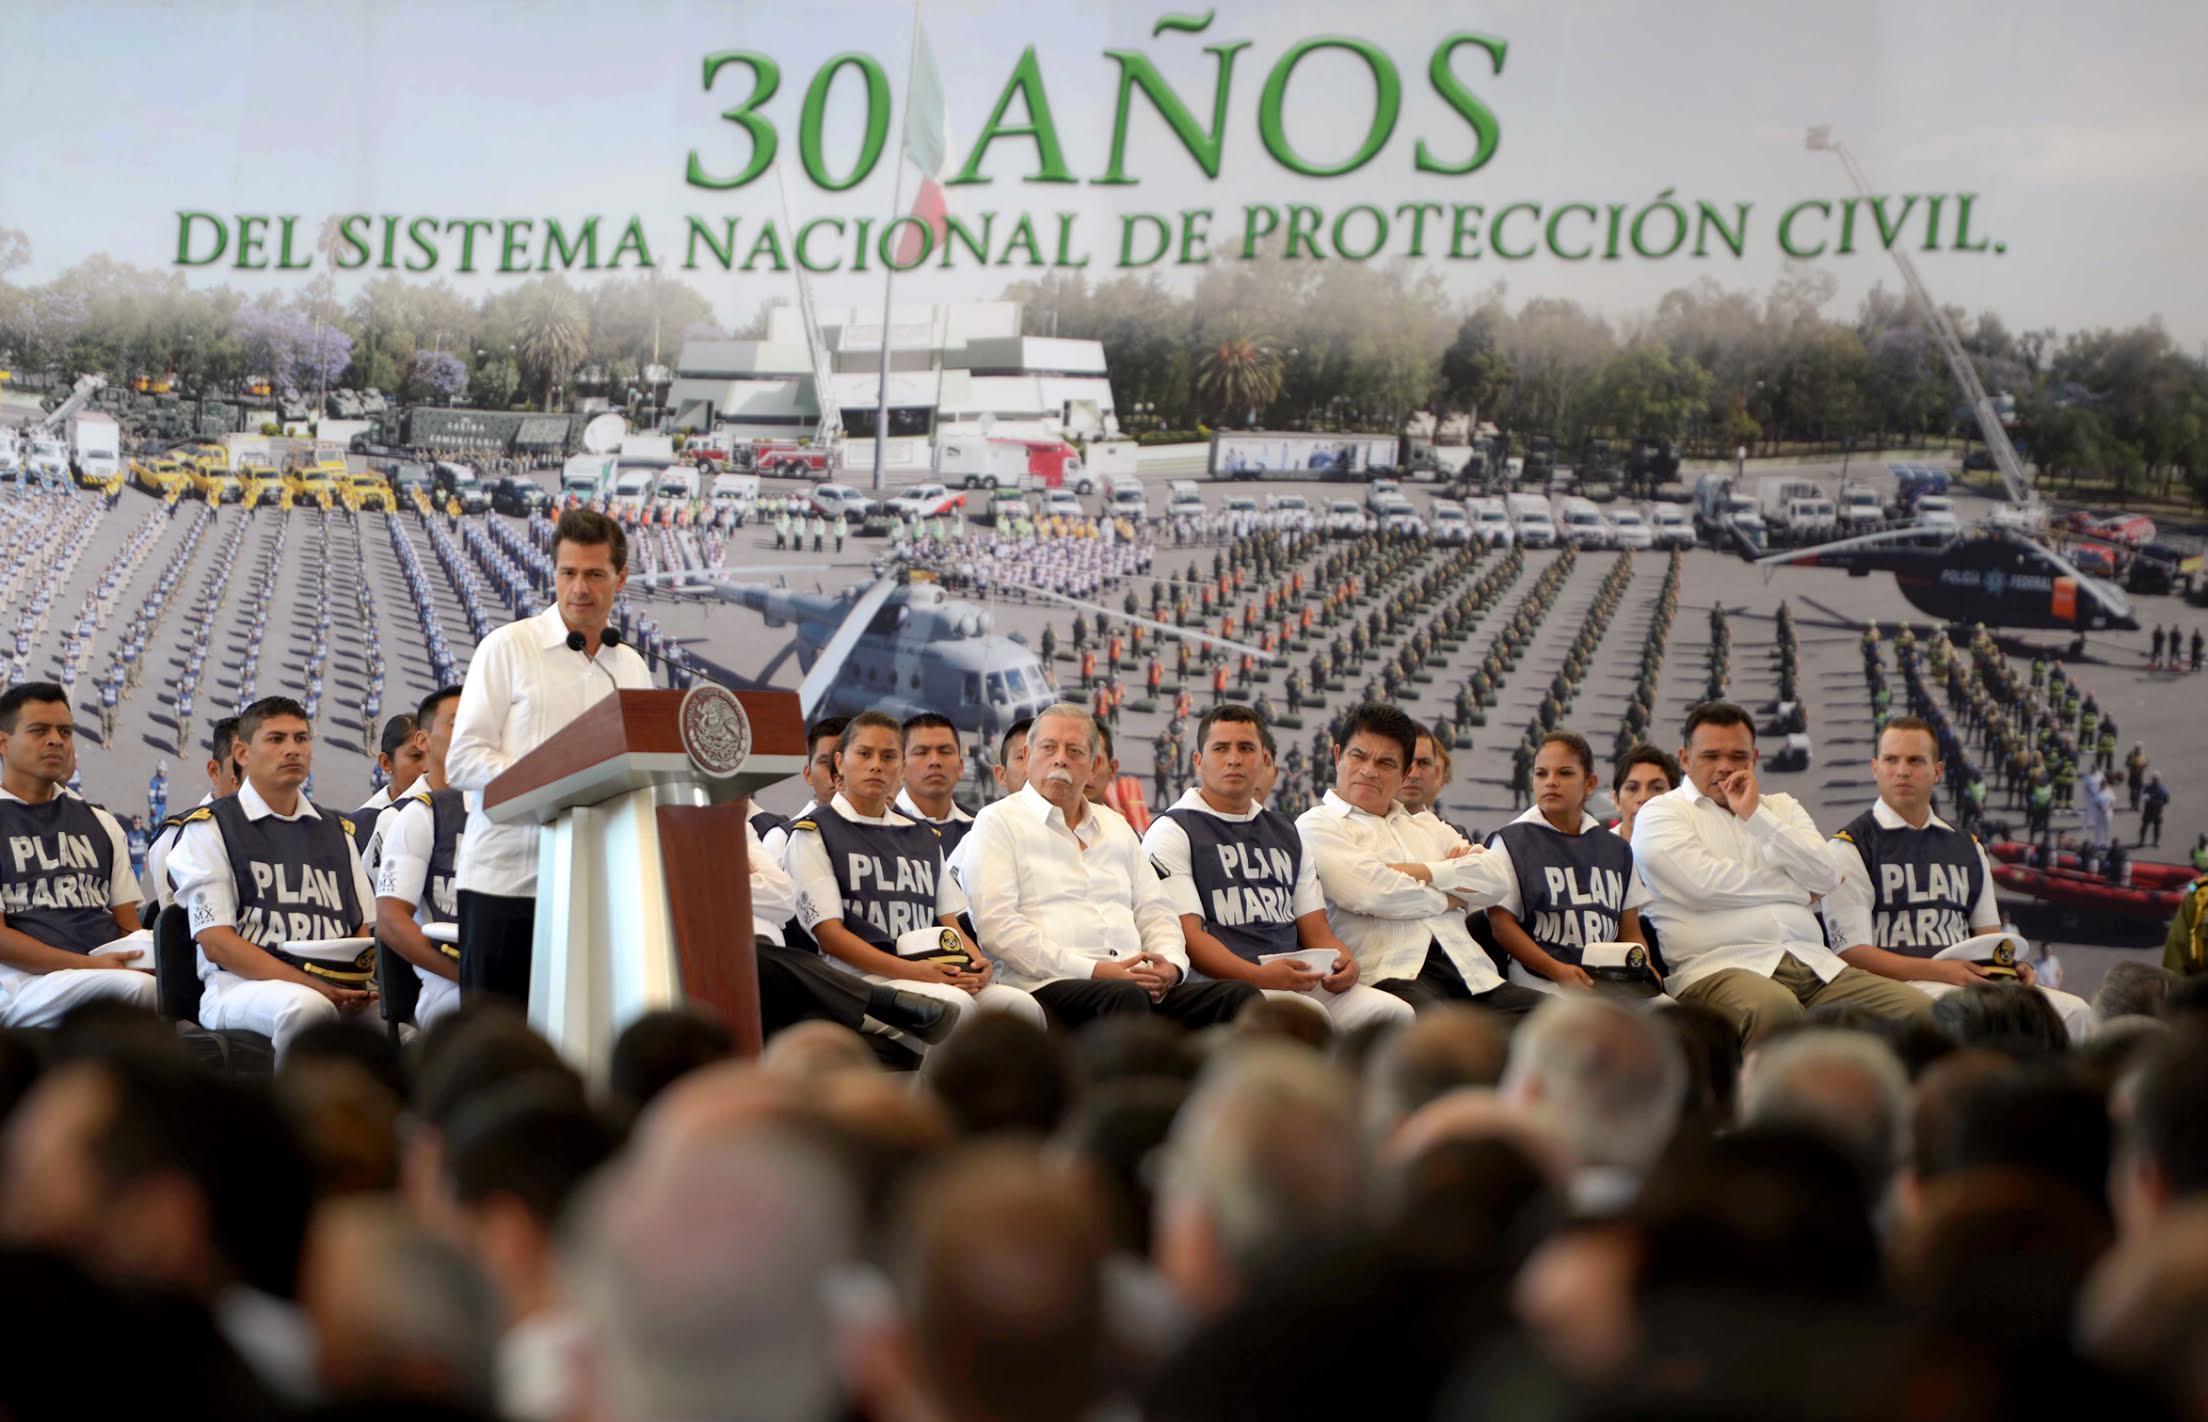 El Primer Mandatario habla en la ceremonia por los 30 años del Sistema de Protección Civil y el inicio de la temporada de huracanes en 2016.